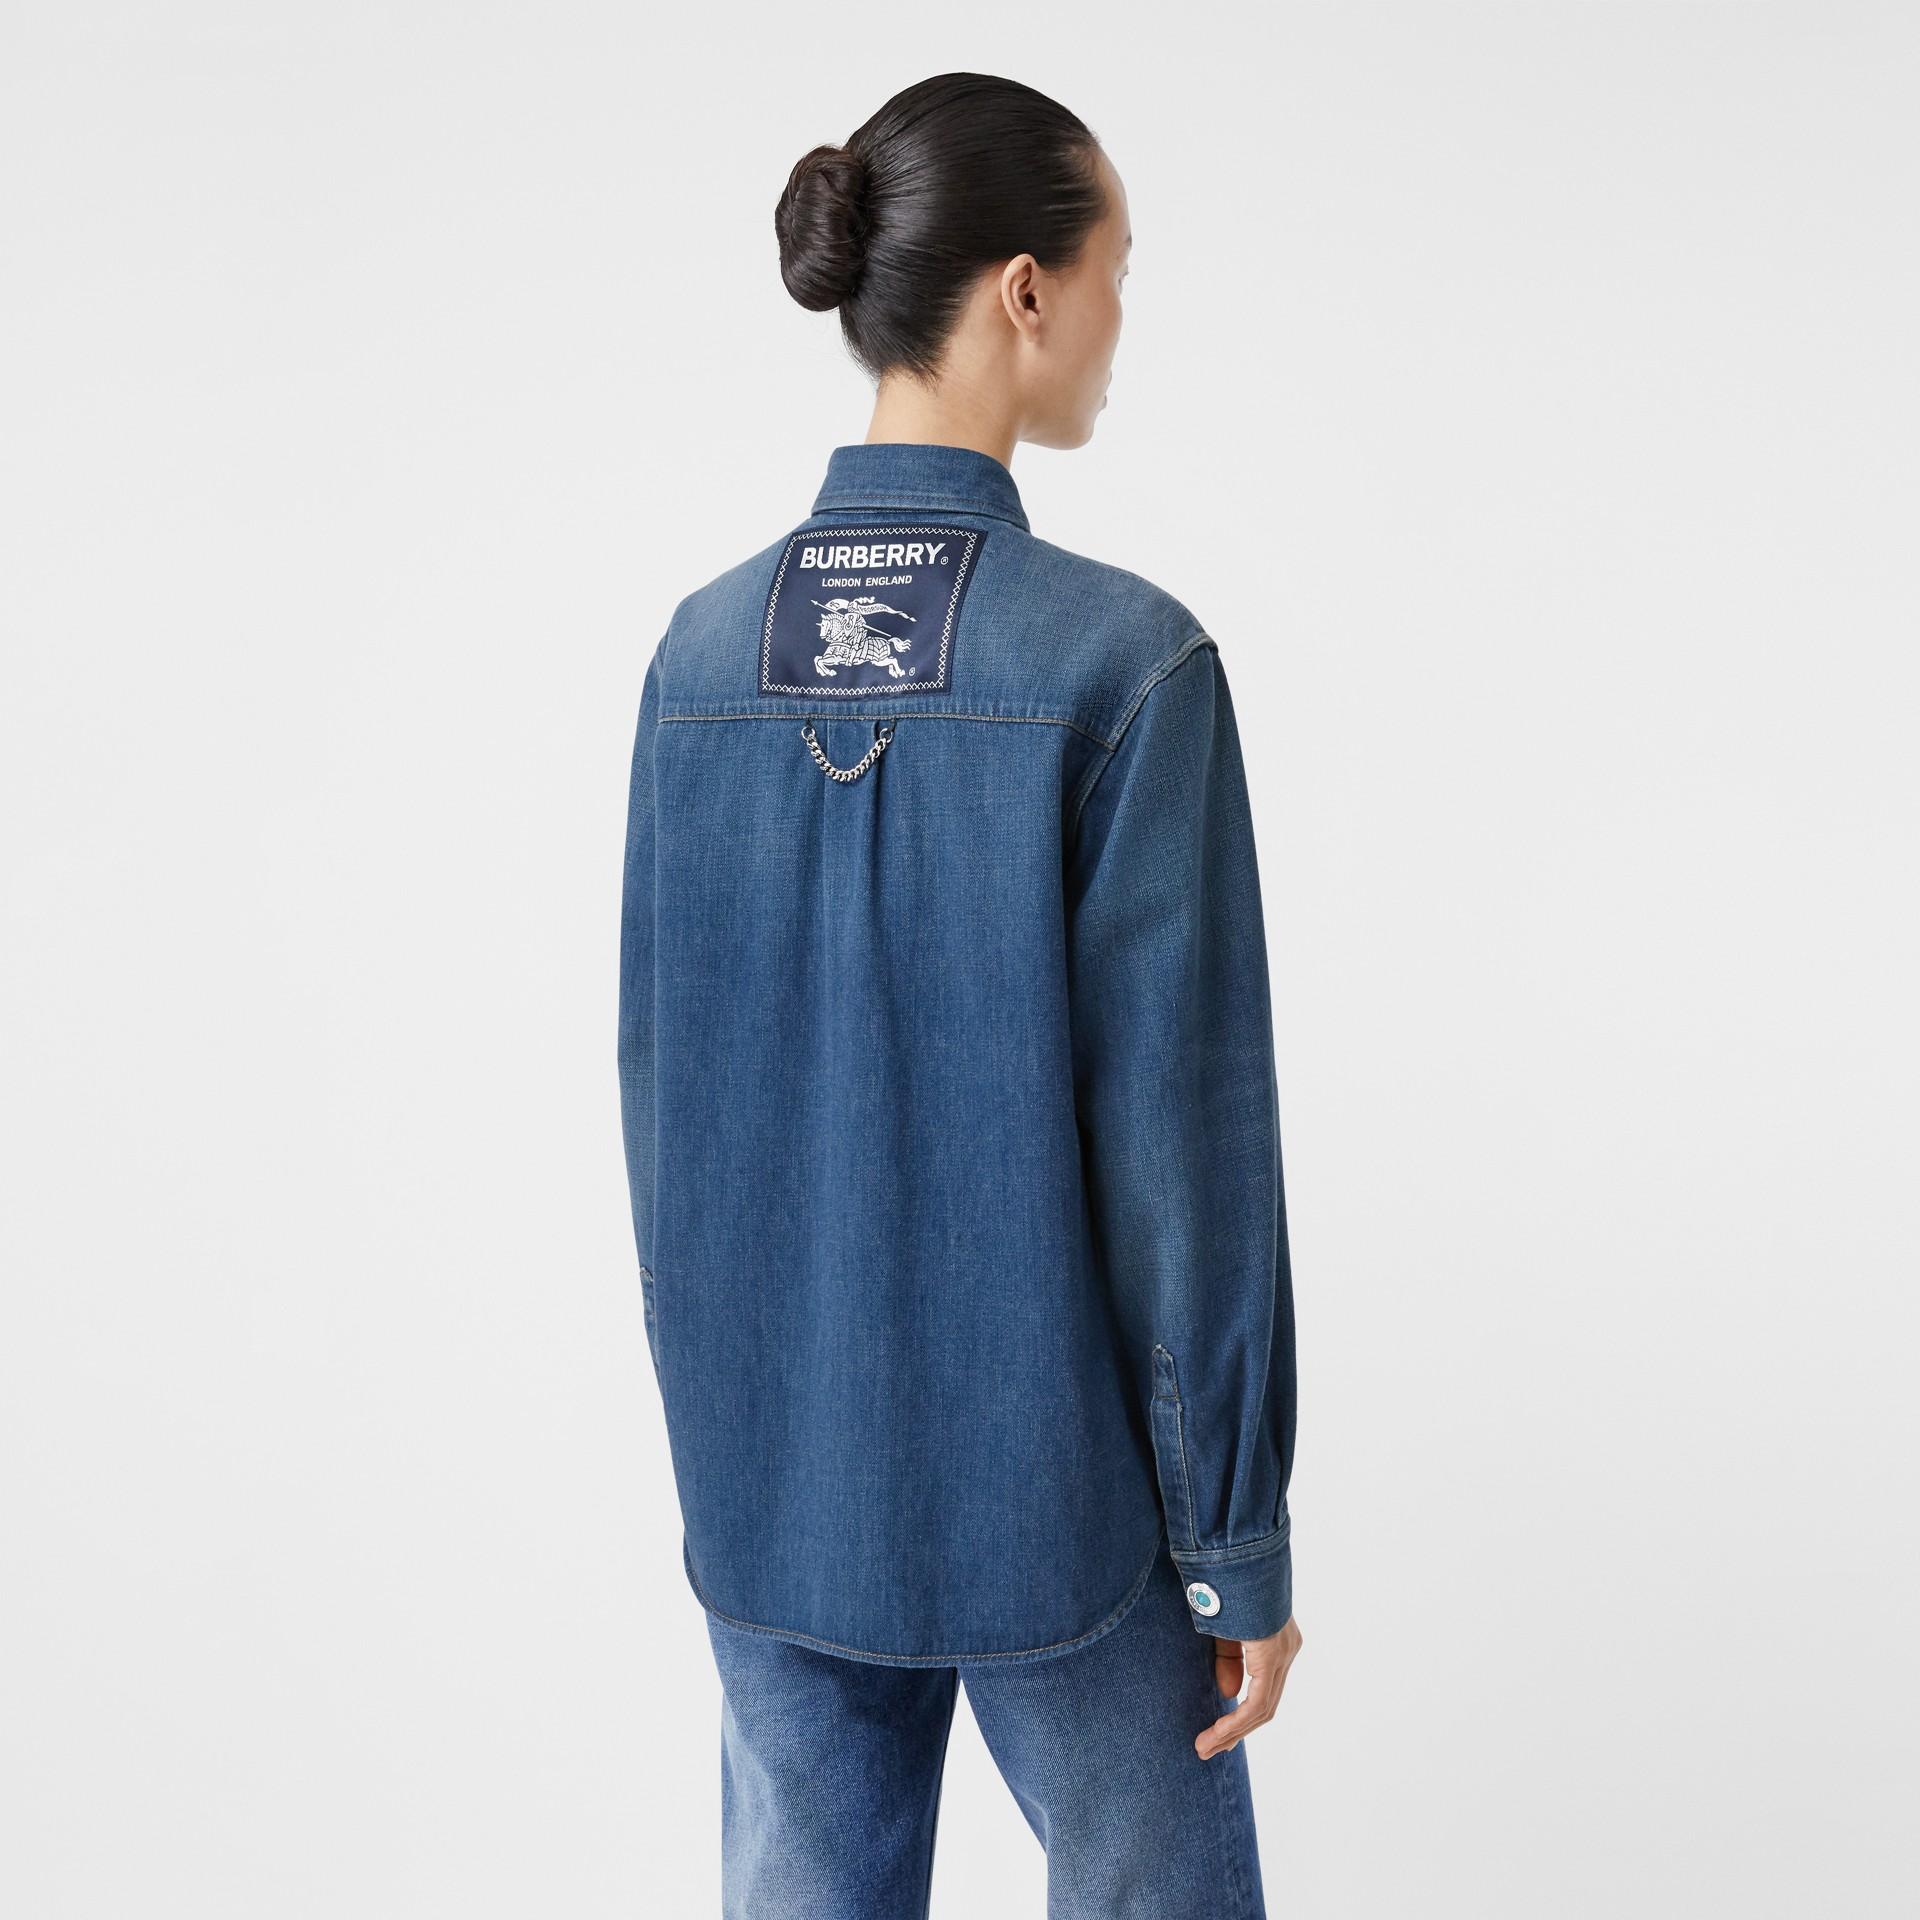 Chemise en denim avec logo appliqué (Indigo) - Femme | Burberry - photo de la galerie 2